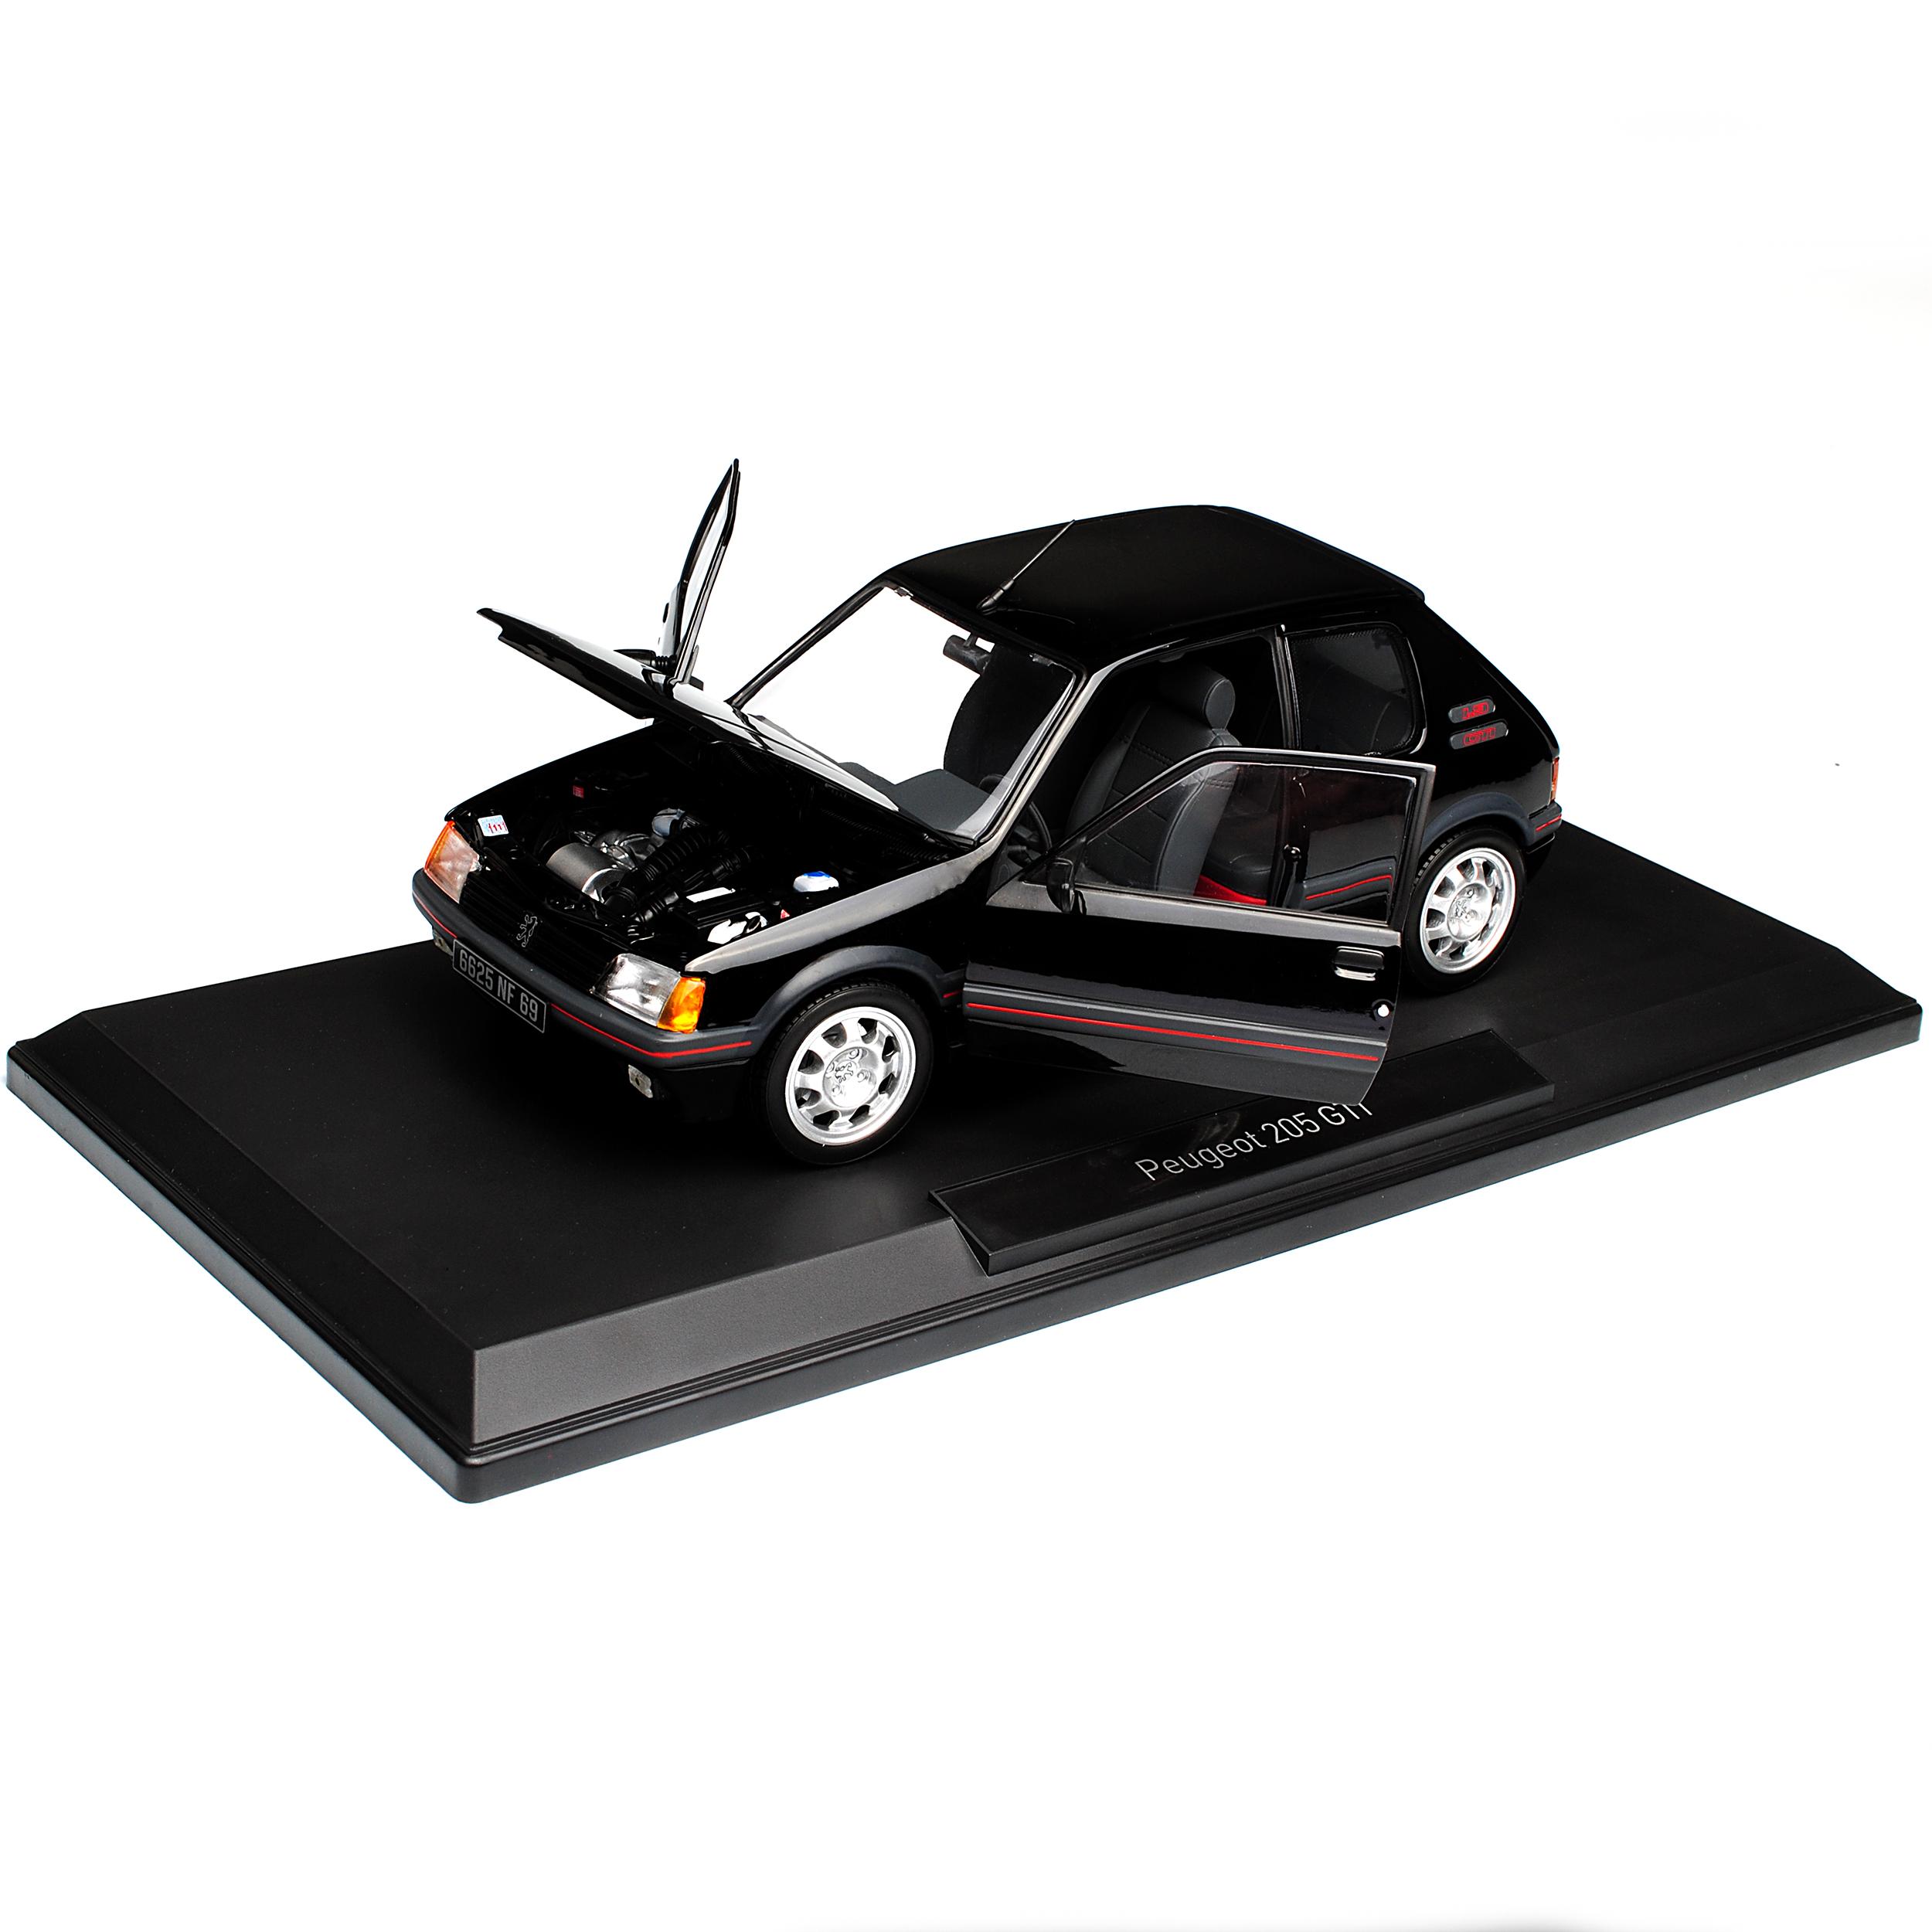 Peugeot-205-GTI-1-9-negro-1983-1998-1-18-Norev-modelos-coches-con-o-sin-ind miniatura 9